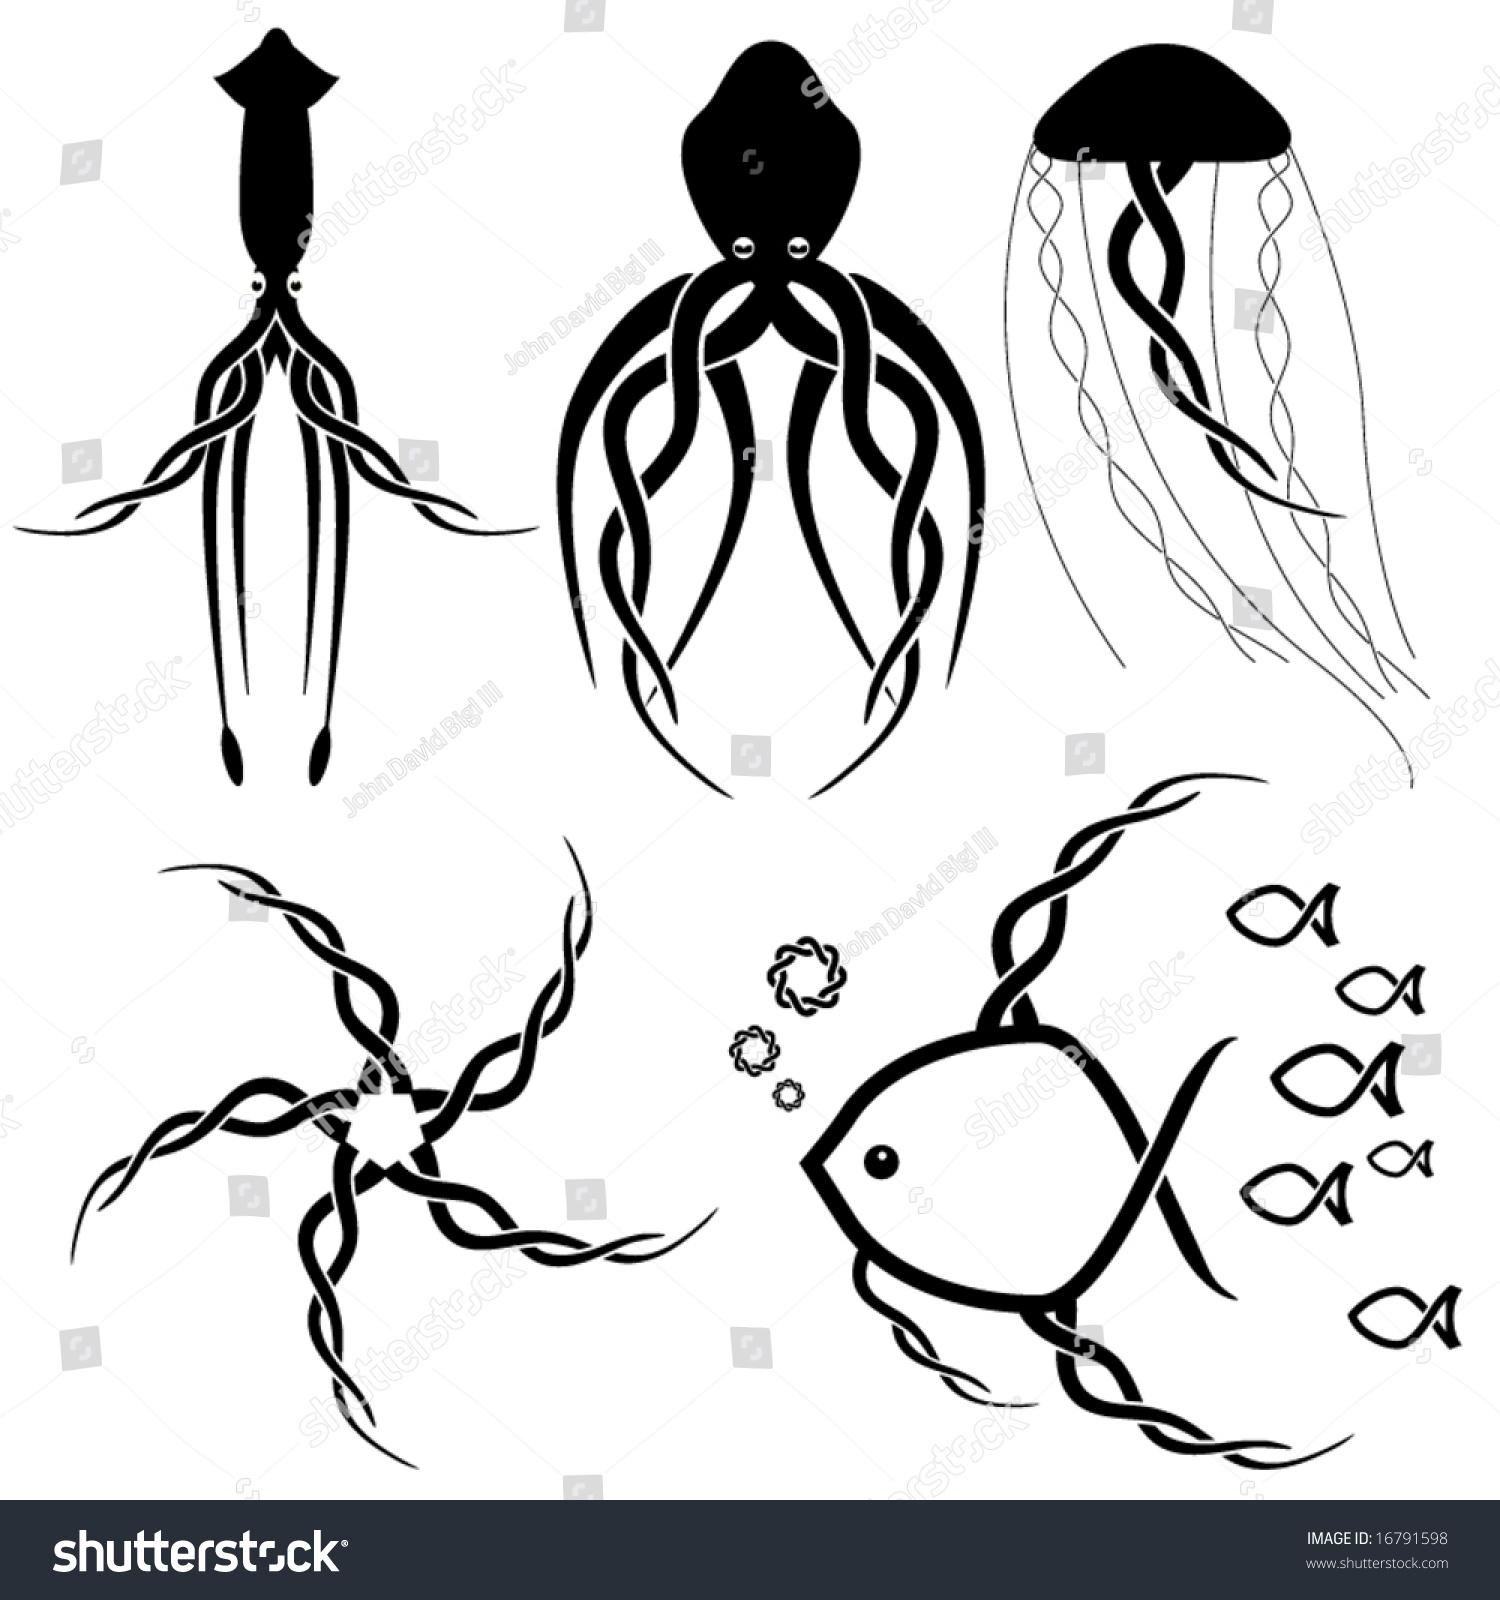 设计-动物/野生生物